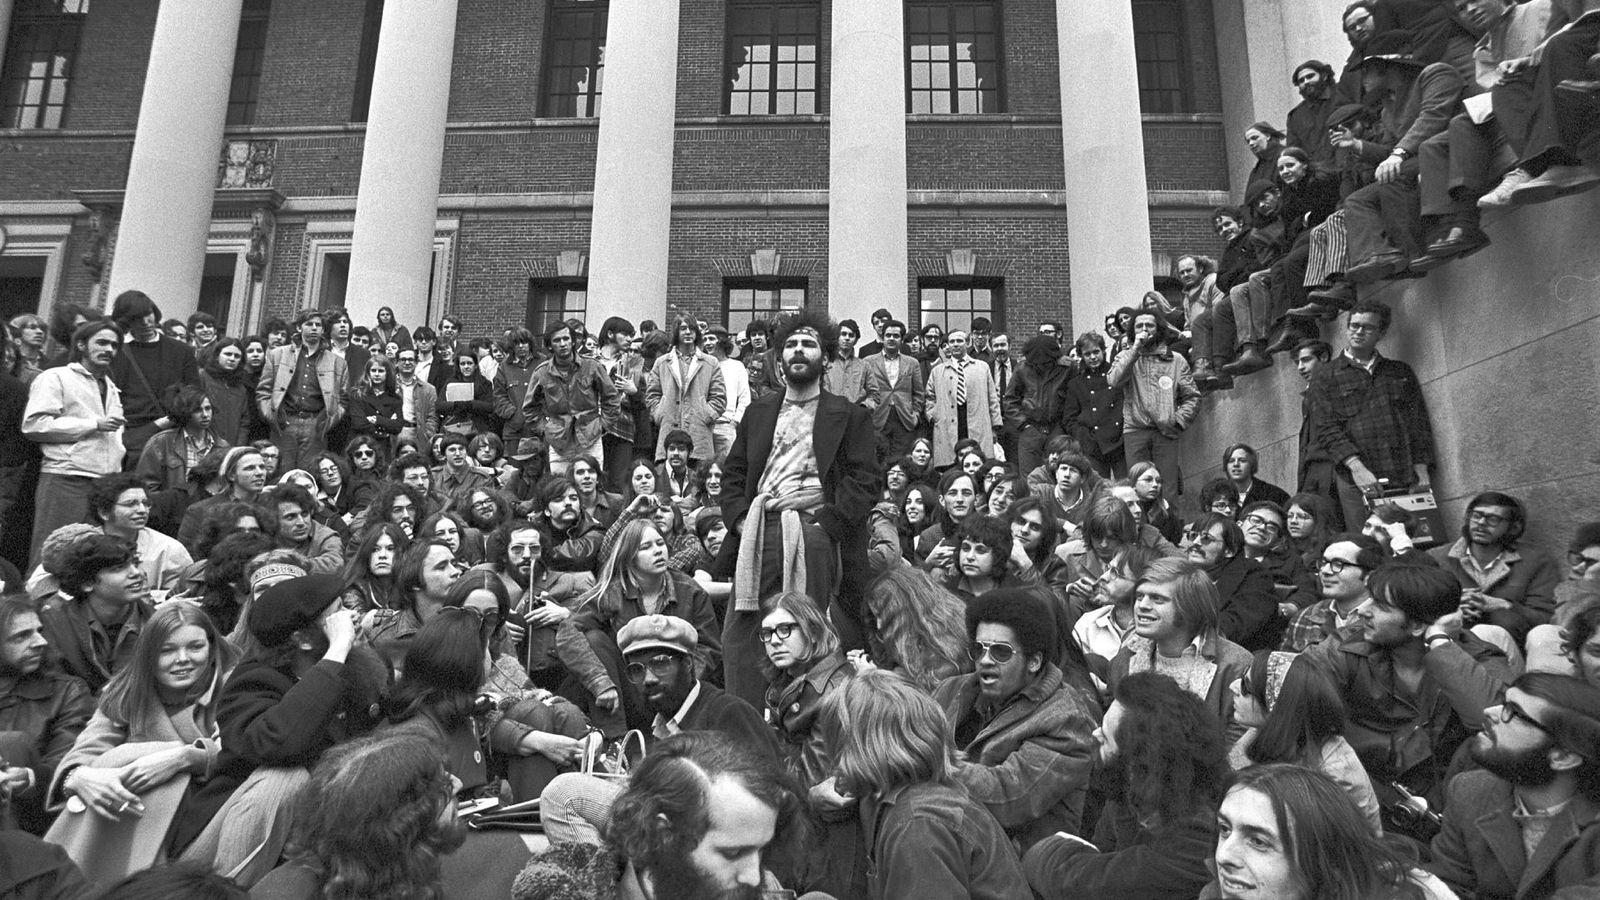 Det er i disse dager 50 år siden 60-tallets studentopprør. Her fra Cambridge, Massachusetts, 1969.